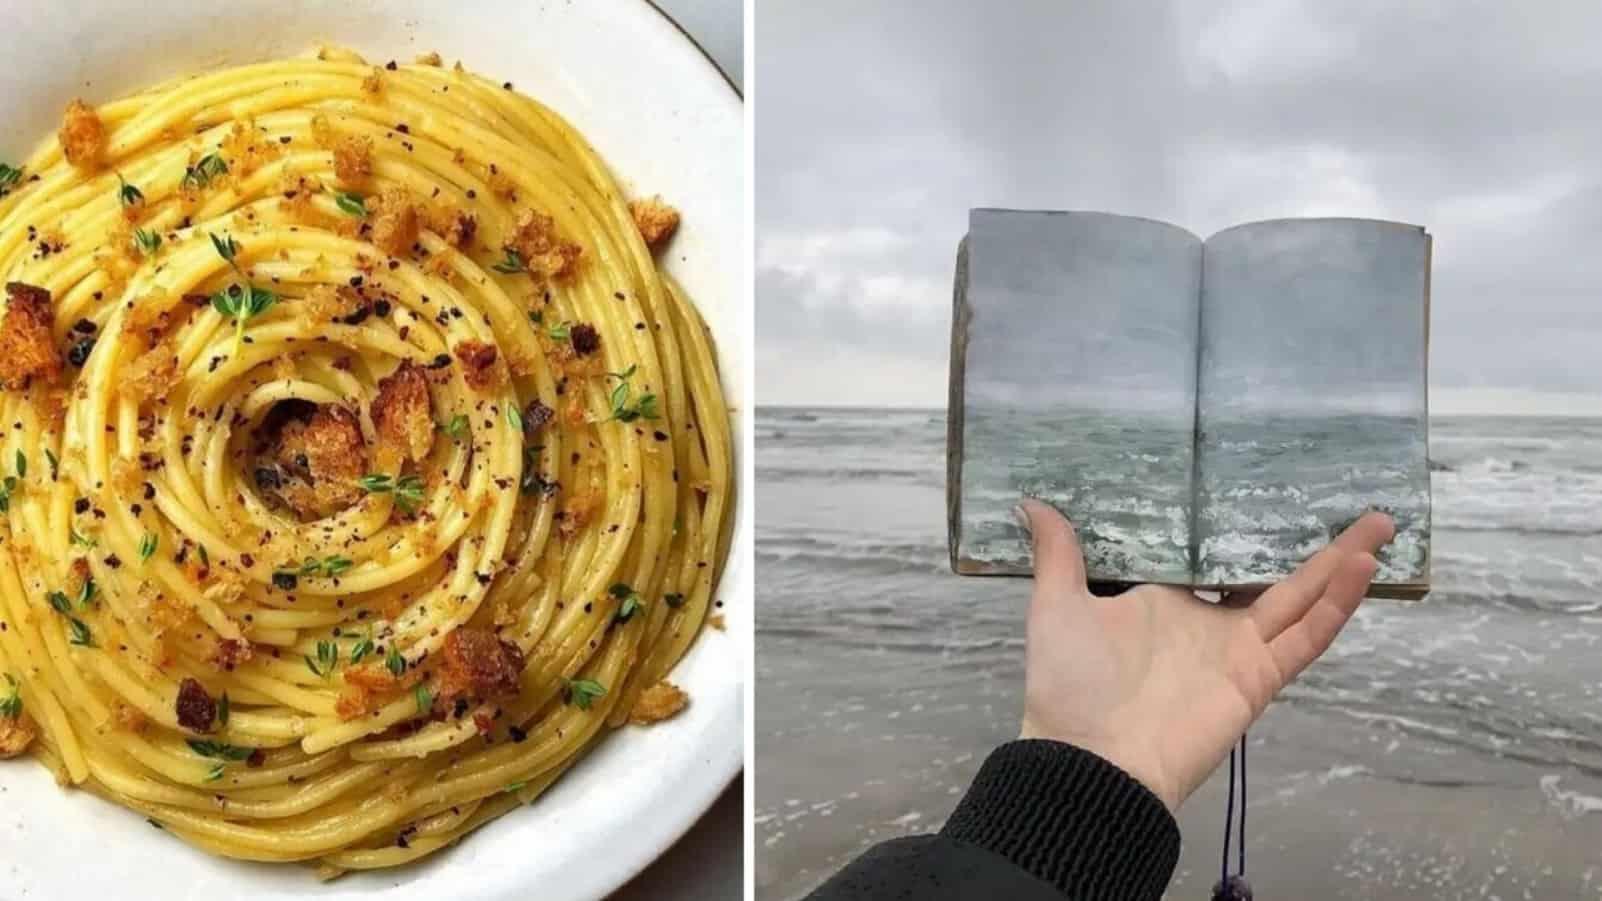 20 наглядных примеров того, что означает «визуальное удовольствие»